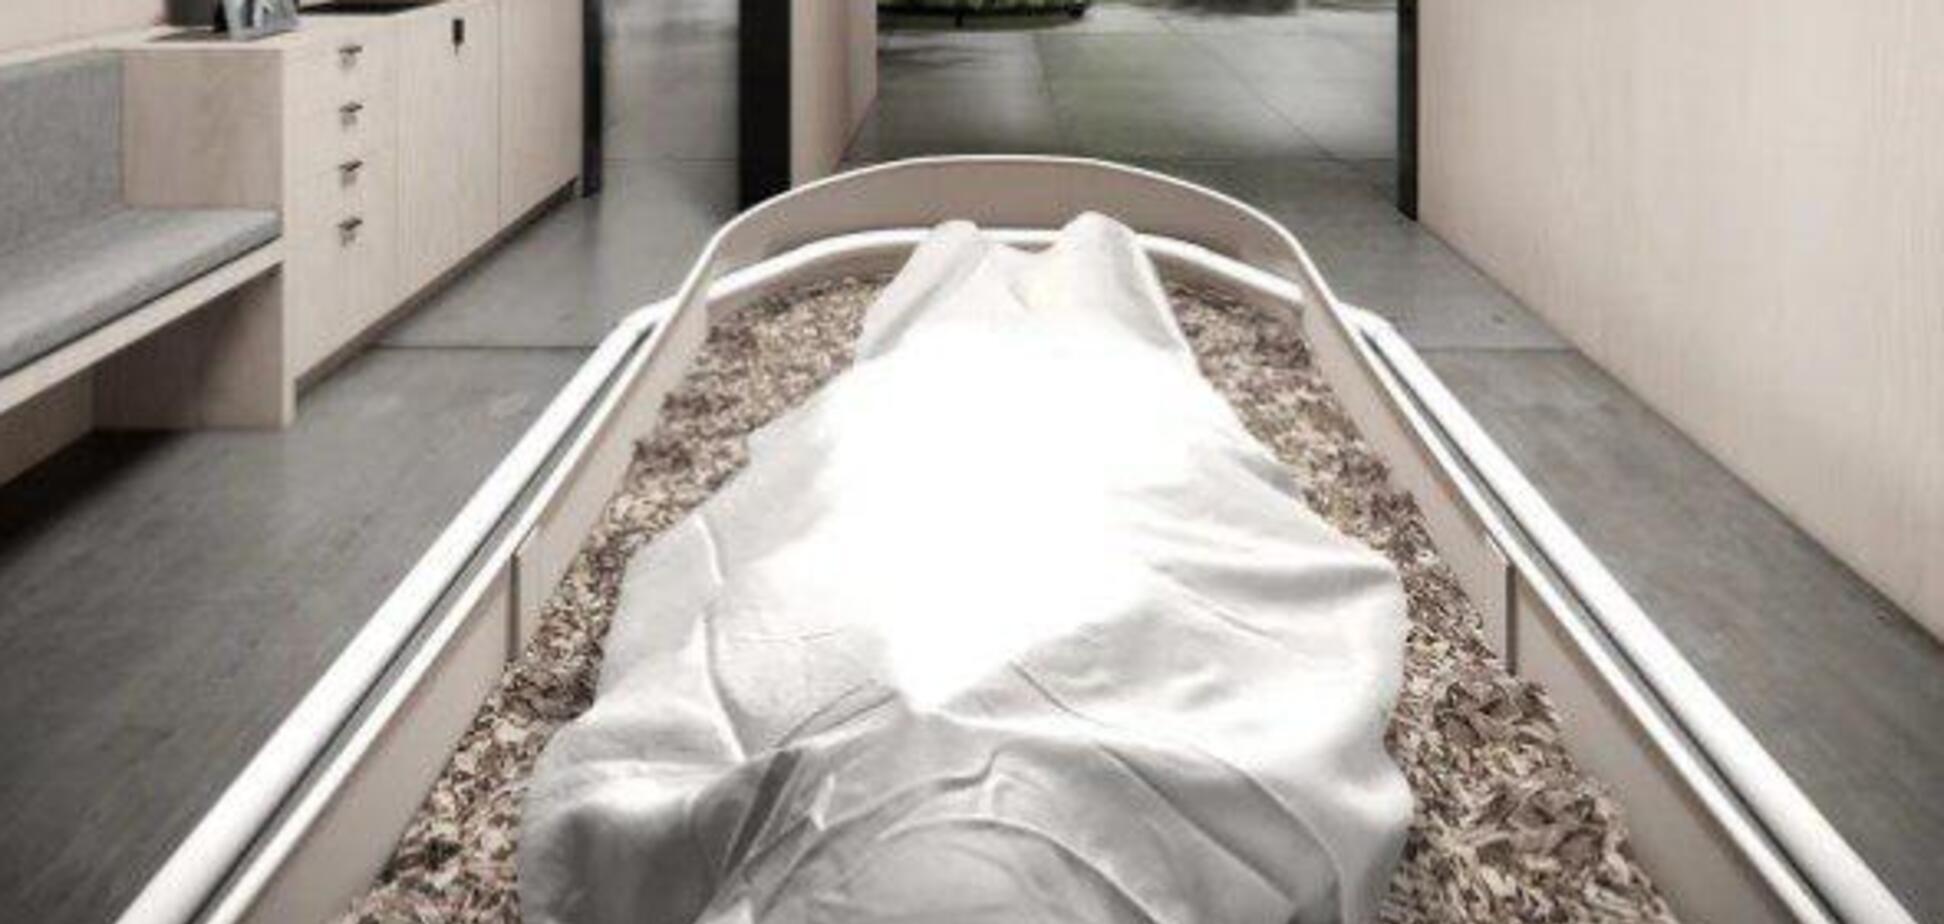 Архітектори придумали новий спосіб поховання людей